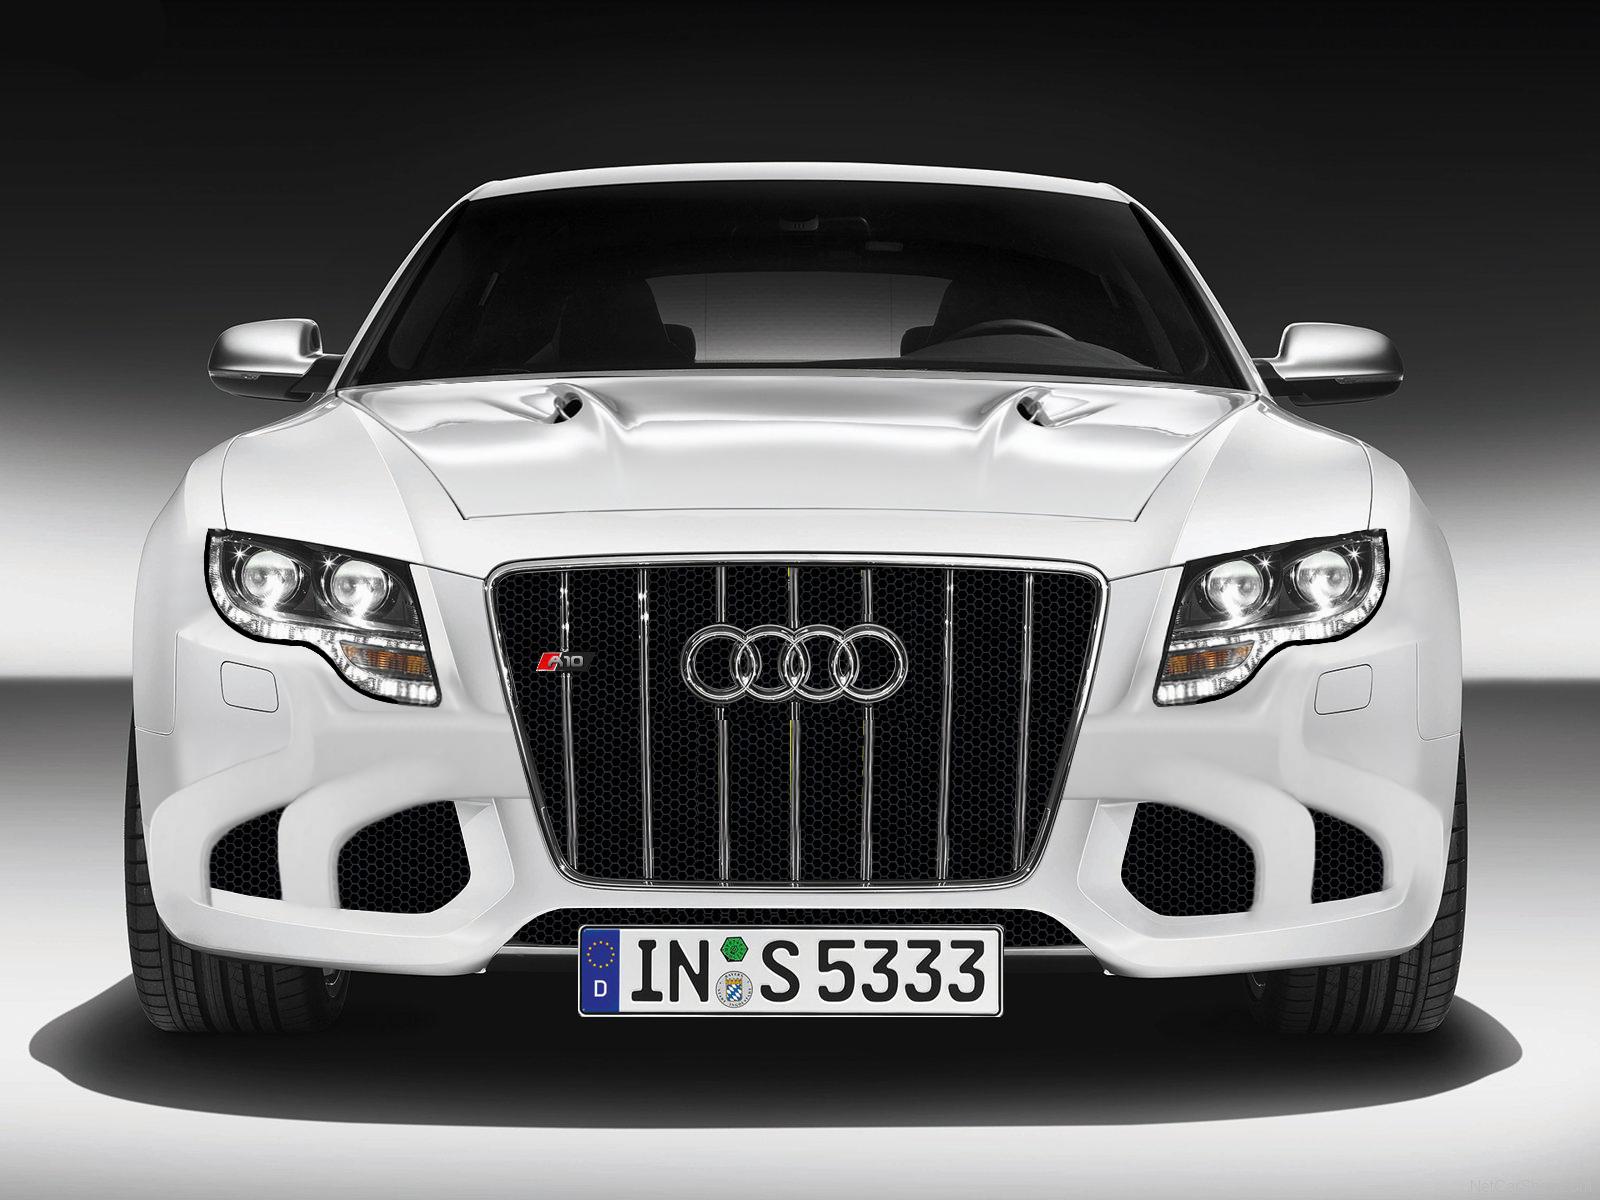 Audi V8 – 2010 Audi S5 Prestige 4.2L V8